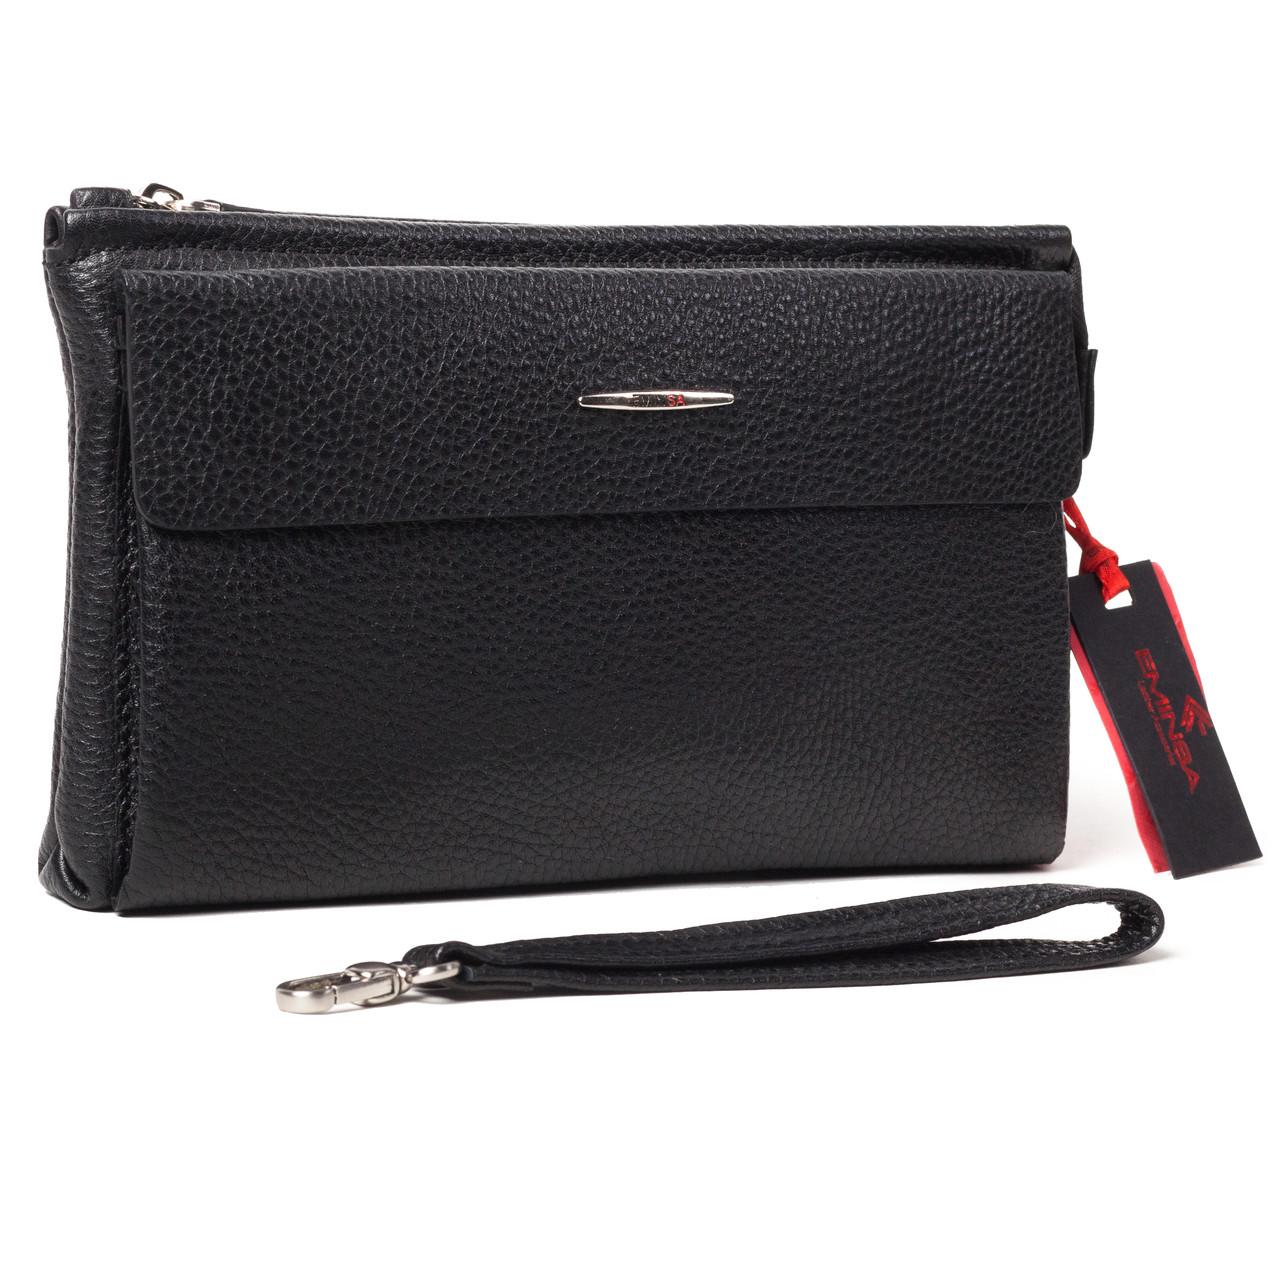 Мужской  клатч кожаный чёрный Eminsa 5013-12-1